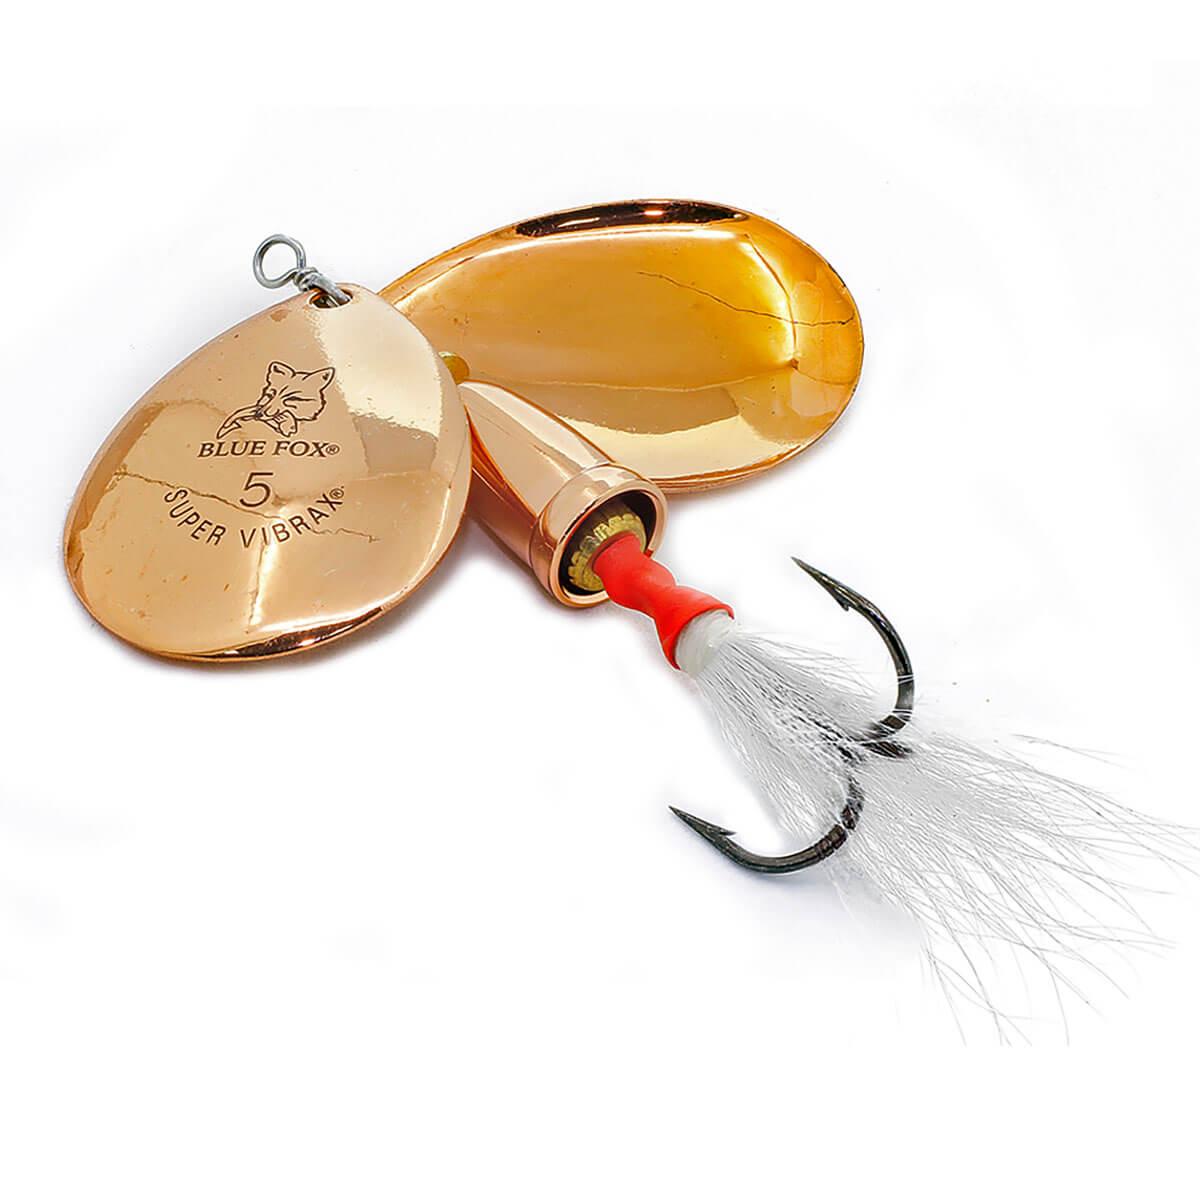 Spinner Blue Fox Vibrax Doble Spin Nº 5 VDS5200